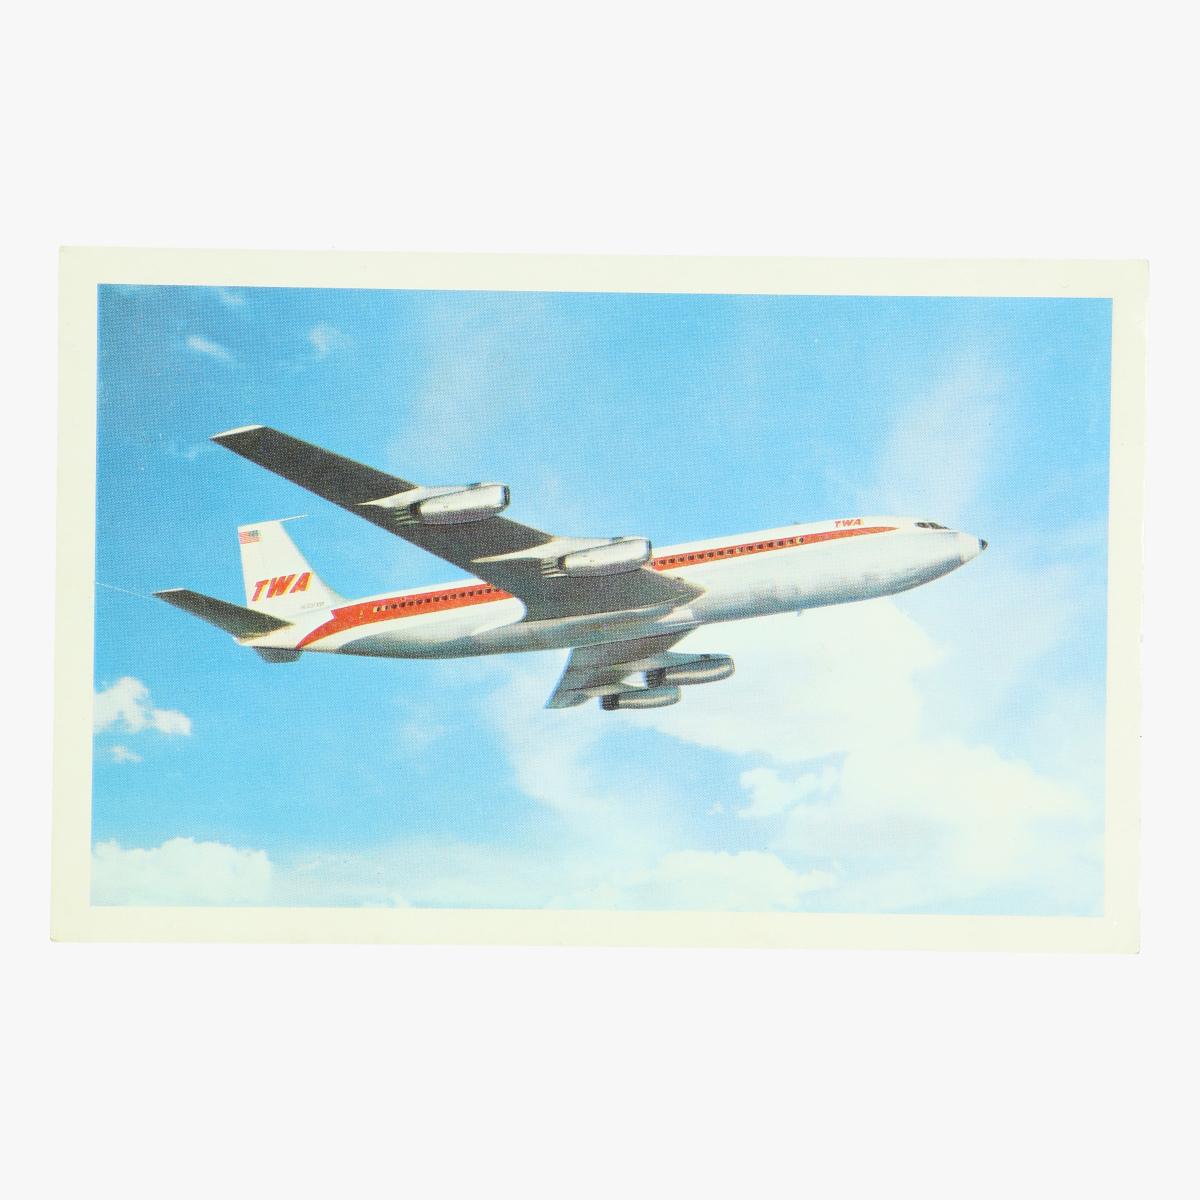 Afbeeldingen van postkaart the twa superjet